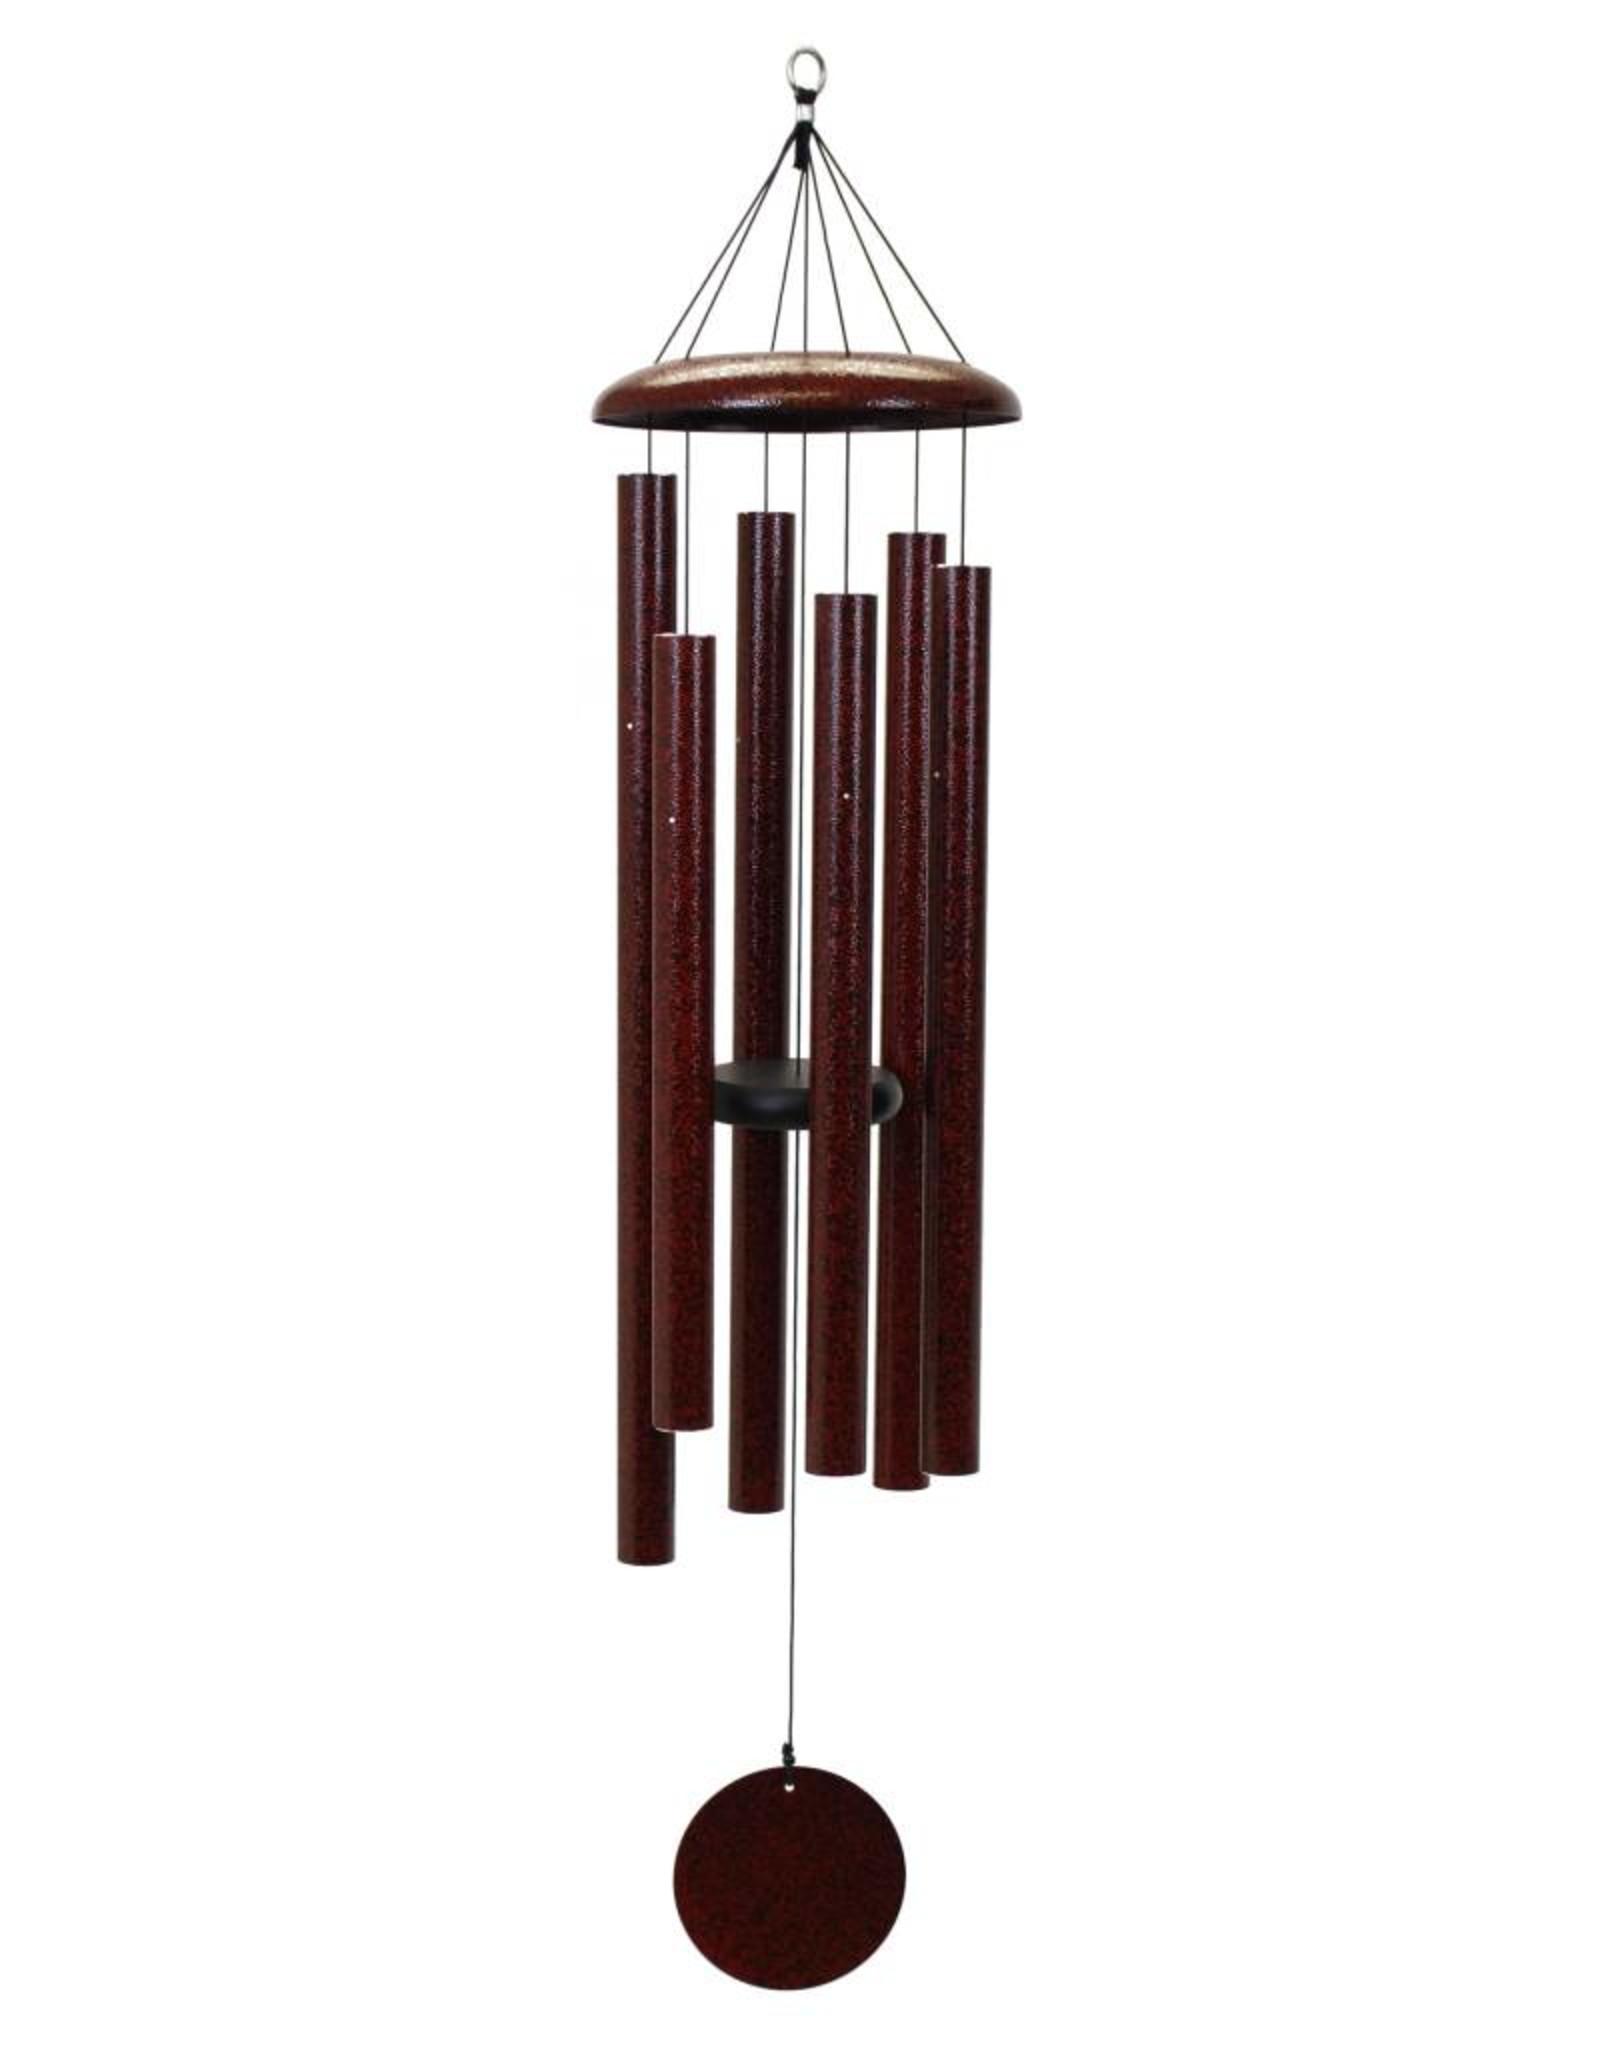 Corinthian Bells Corinthian Bells Windchimes - 50 Inch